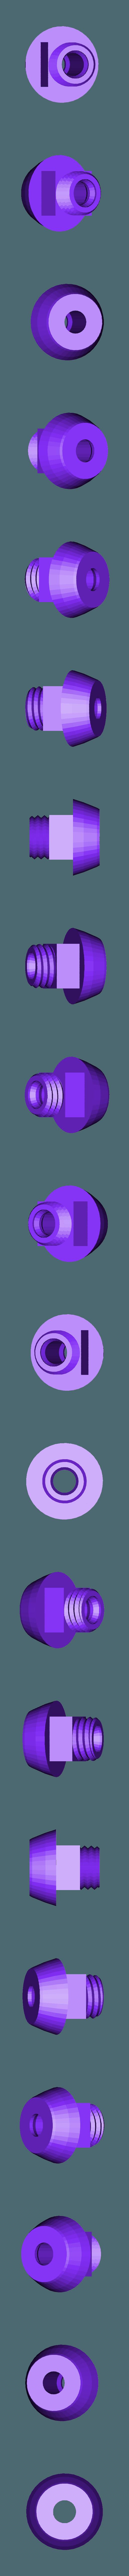 hub.stl Télécharger fichier SCAD gratuit Papier imprimé WindMill v0 • Modèle pour imprimante 3D, Wachet